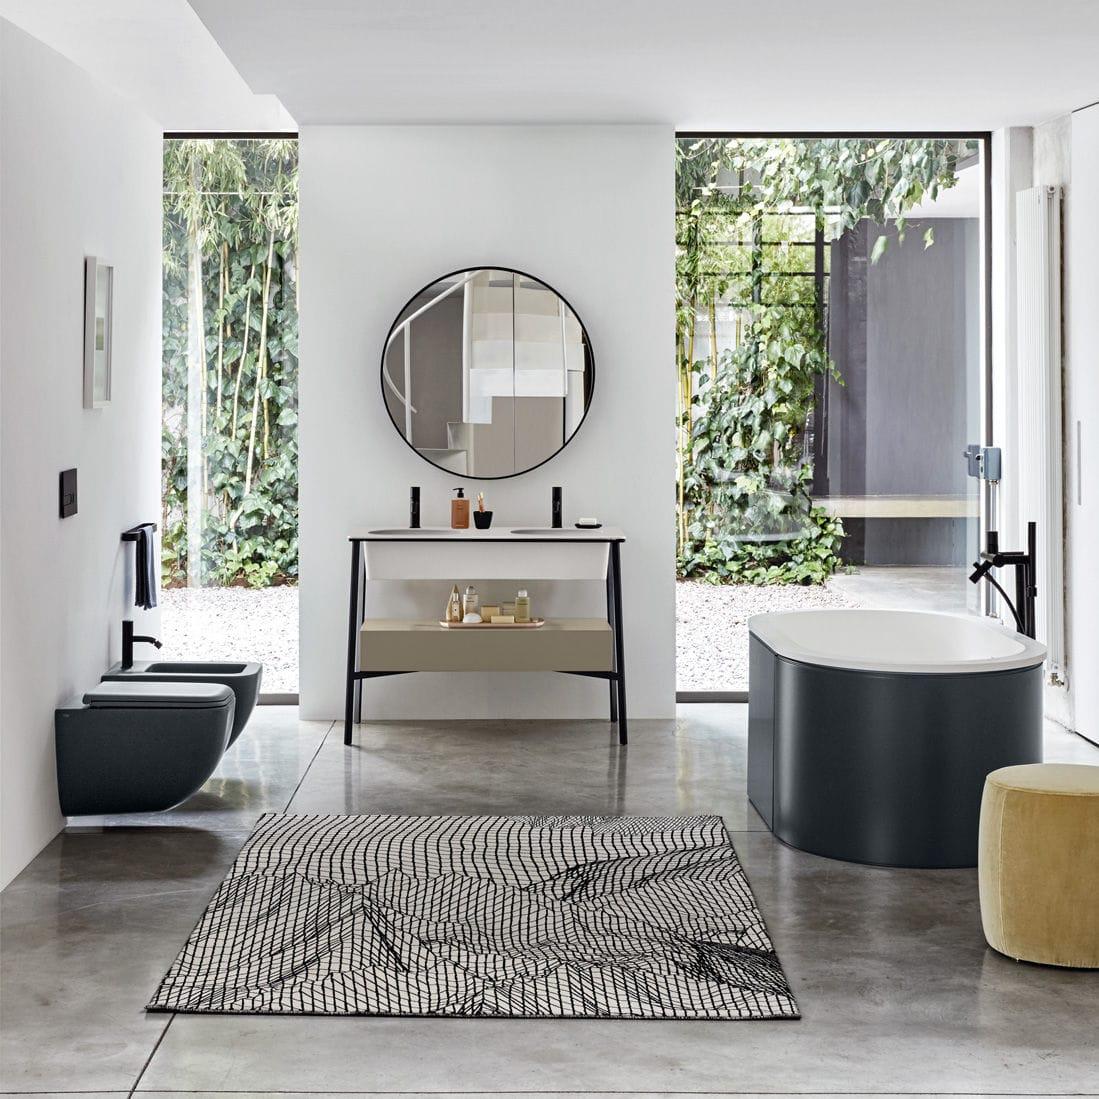 Waschtischunterschrank freistehend  Doppelter Waschtischunterschrank / freistehend / Holz / Keramik ...